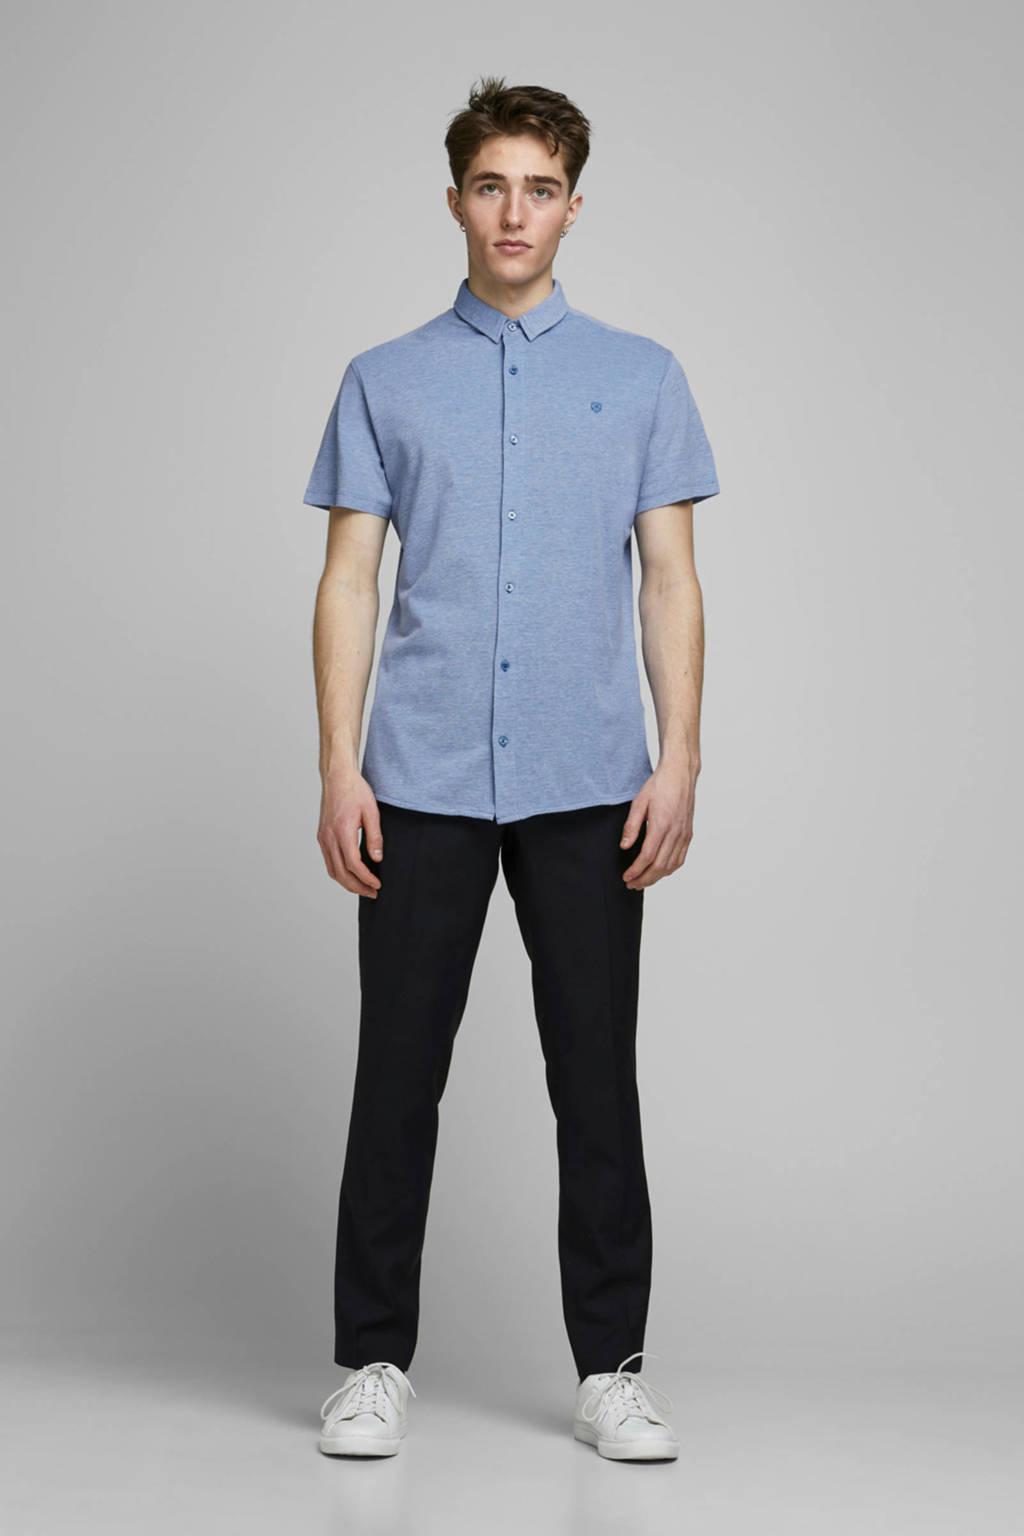 JACK & JONES PREMIUM gemêleerd slim fit overhemd lichtblauw, Lichtblauw